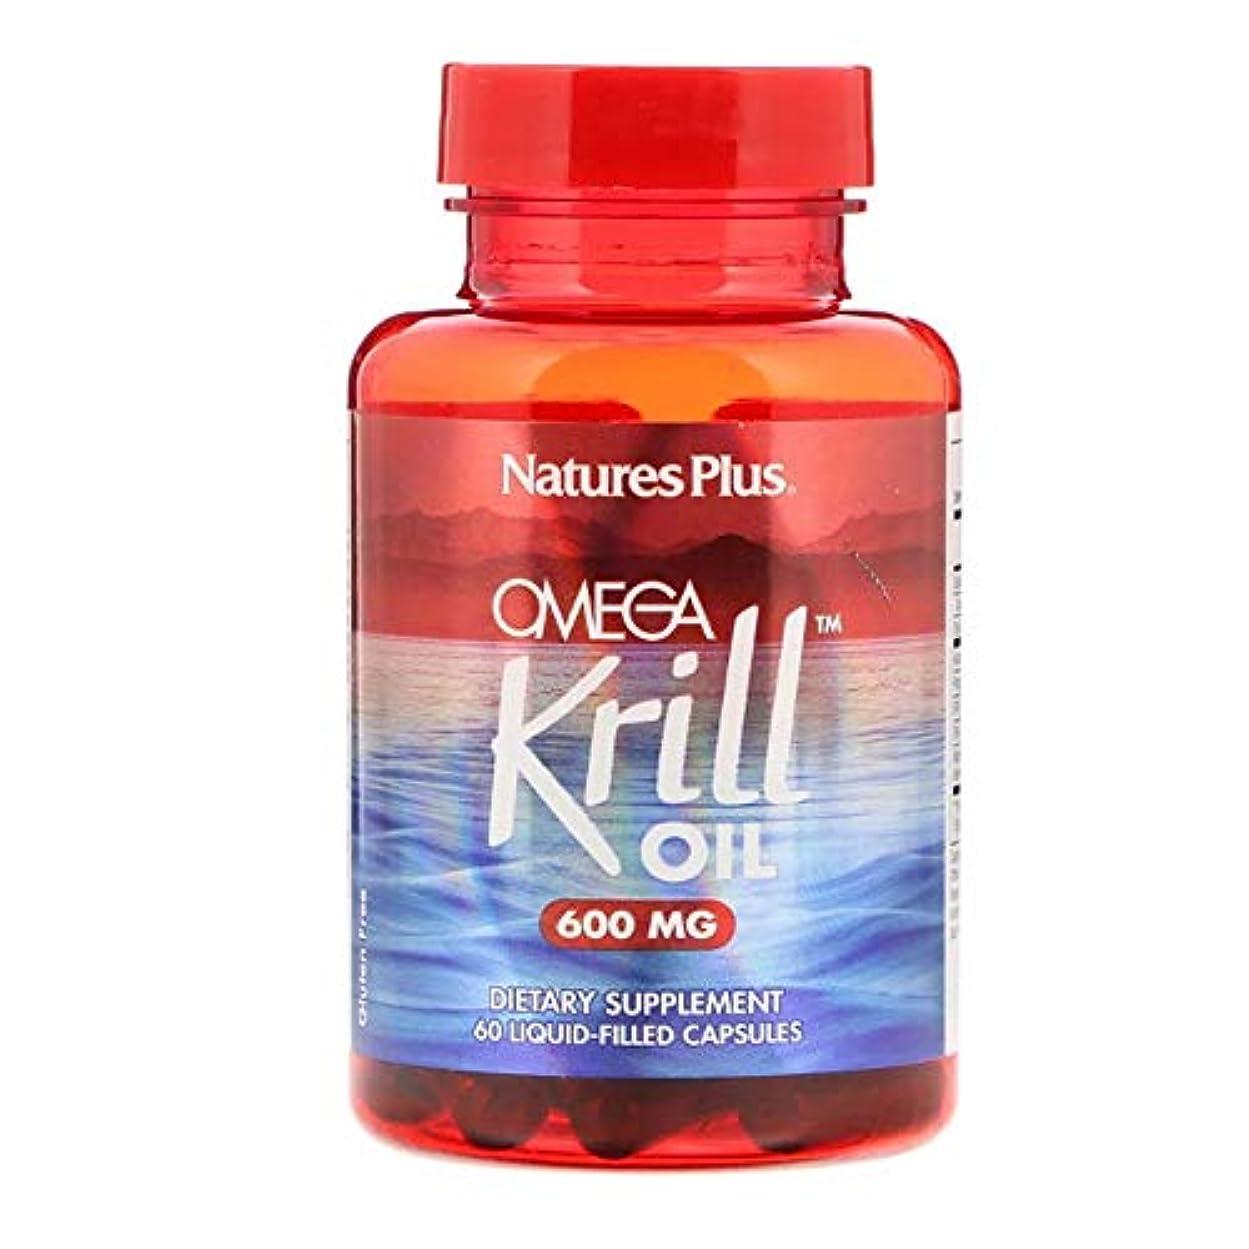 現実には収縮典型的なNature's Plus オメガ クリルオイル 600 mg 60 液体カプセル 【アメリカ直送】